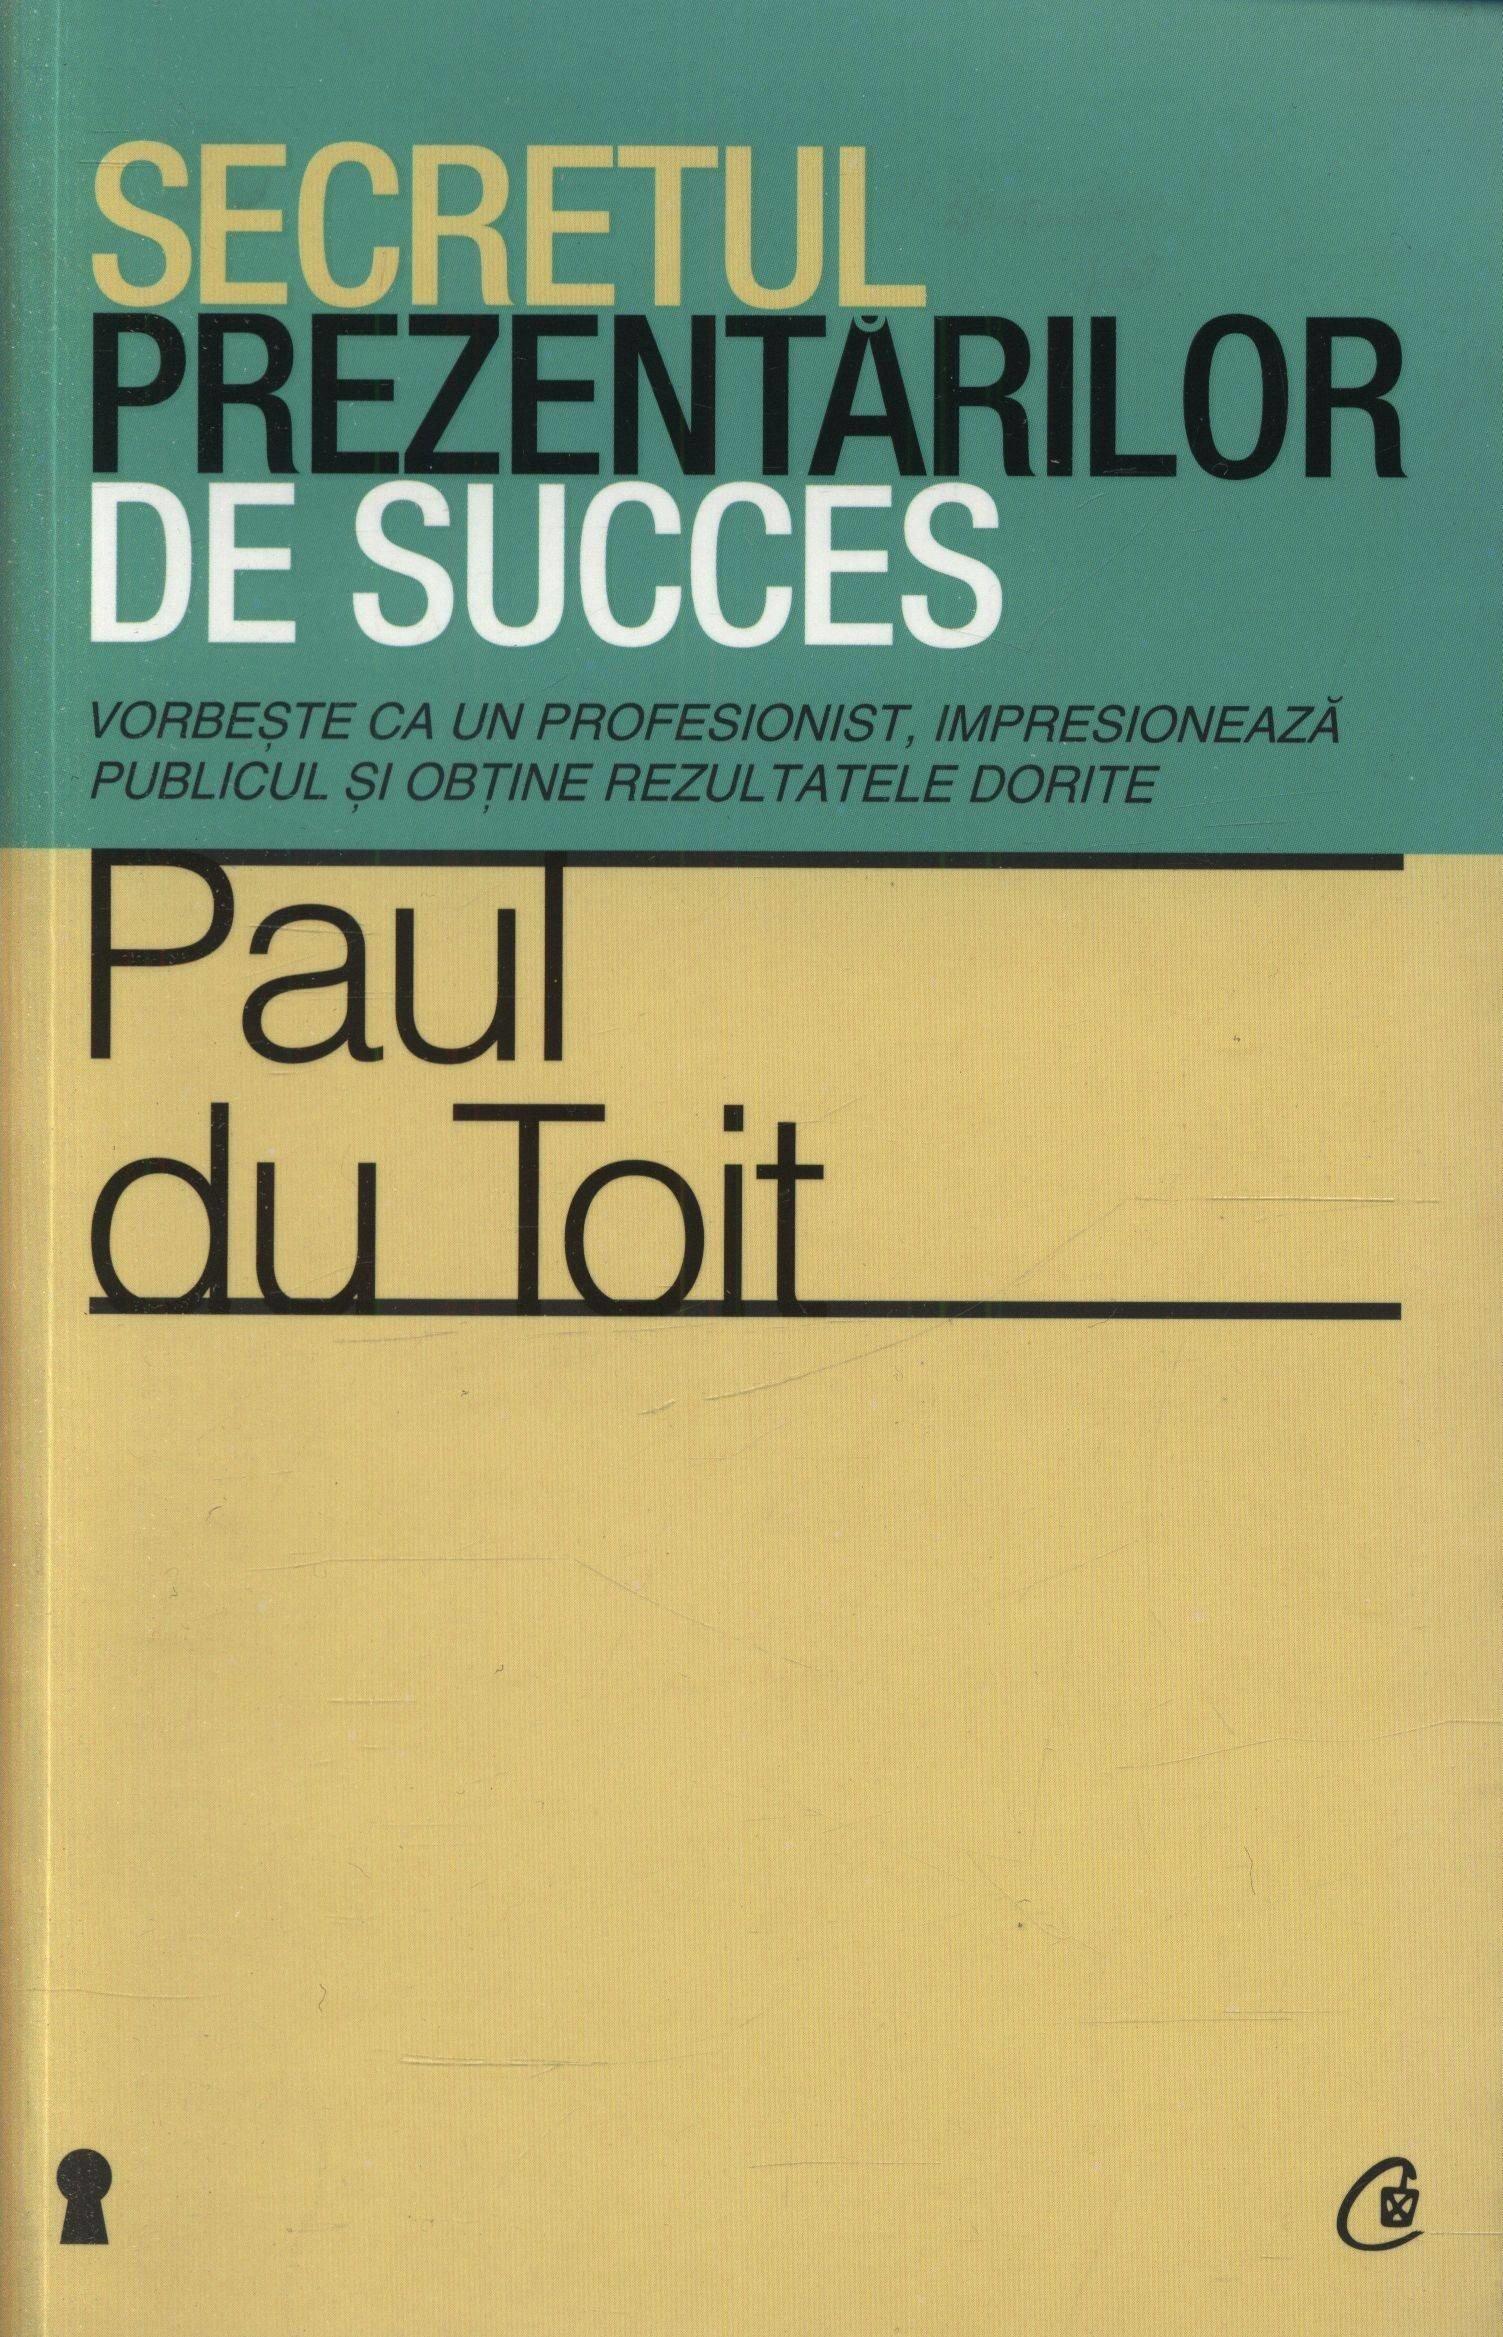 Paul du Toit - Secretul prezentarilor de succes. Vorbeste ca un profesionist, impresioneaza publicul si obtine rezultatele dorite -